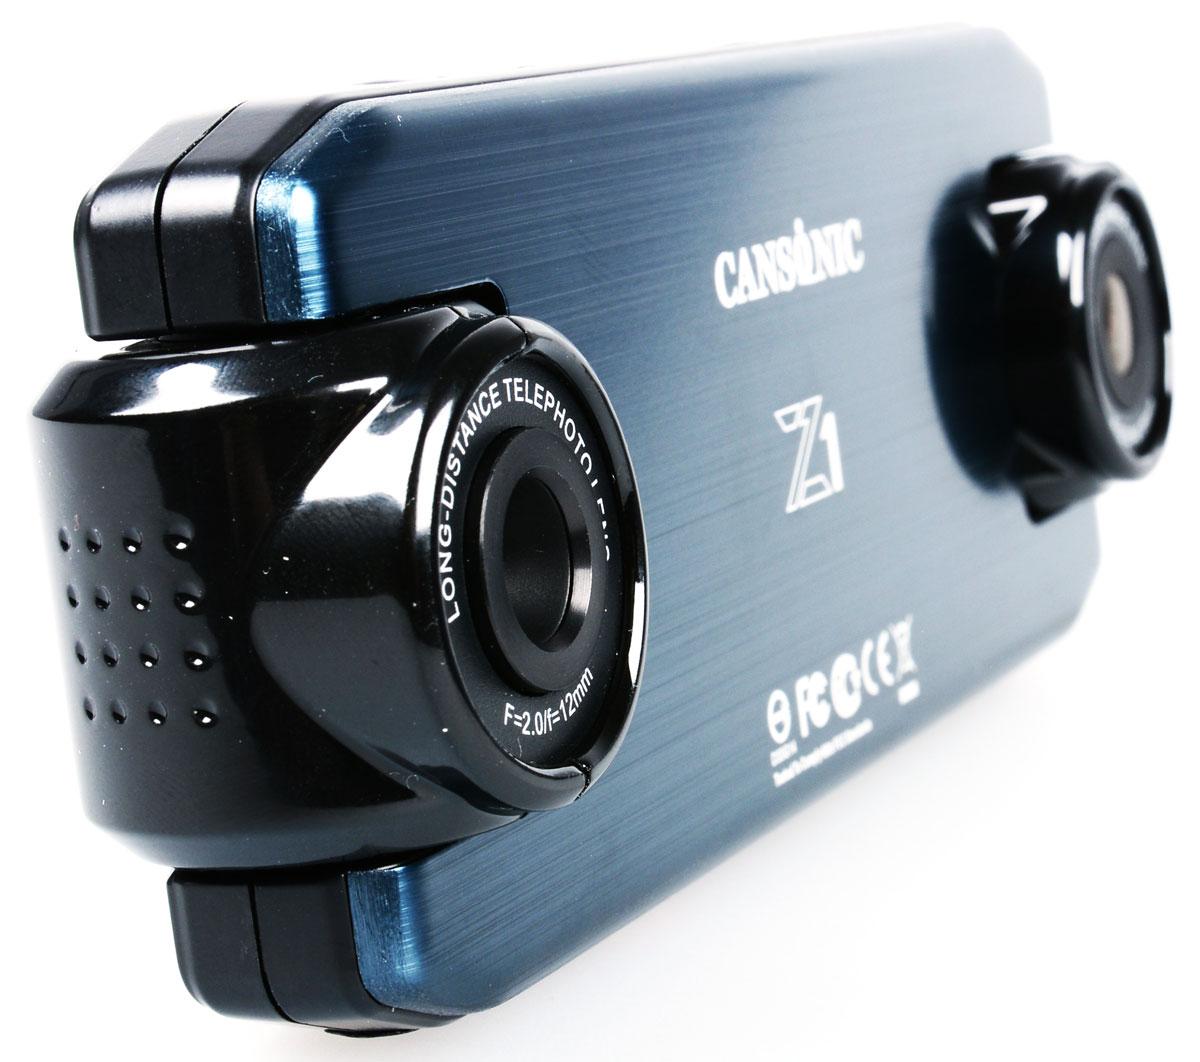 Cansonic Z1 Zoom GPS, Black видеорегистратор4627087521271Автомобильный видеорегистратор Cansonic Z1 Zoom GPS с двумя поворотными с разным углом обзора и поддержкой GPS. Данная модель пишет видео в с двух камер.Правая камера снимает с узким углом обзора (25 градусов), что позволяет различать регистрационные знаки автомобилей, левая камера снимает с широким углом обзора (150 градусов), что позволяет видеть дорожную обстановку. Устройство имеет две поворотных камеры. Левая камера – панорама с углом обзора в 150° позволяет снимать общую дорожную обстановку. Правая камера – бинокль позволяет видеть номерные знаки автомобилей на расстоянии до 40 метров. Автомобильный видеорегистратор сочетает в себе уникальный дизайн, надёжность и технологичность. Он способен работать в автономном режиме до 2-х часов. Поддерживается ГЛОНАСС/GPS модуль. Идущие в комплекте Cansonic Z1 Zoom GPS два варианта быстросъёмных крепления обеспечат возможность легкого снятия и установки аппарата на место. Небольшие размеры устройства и...